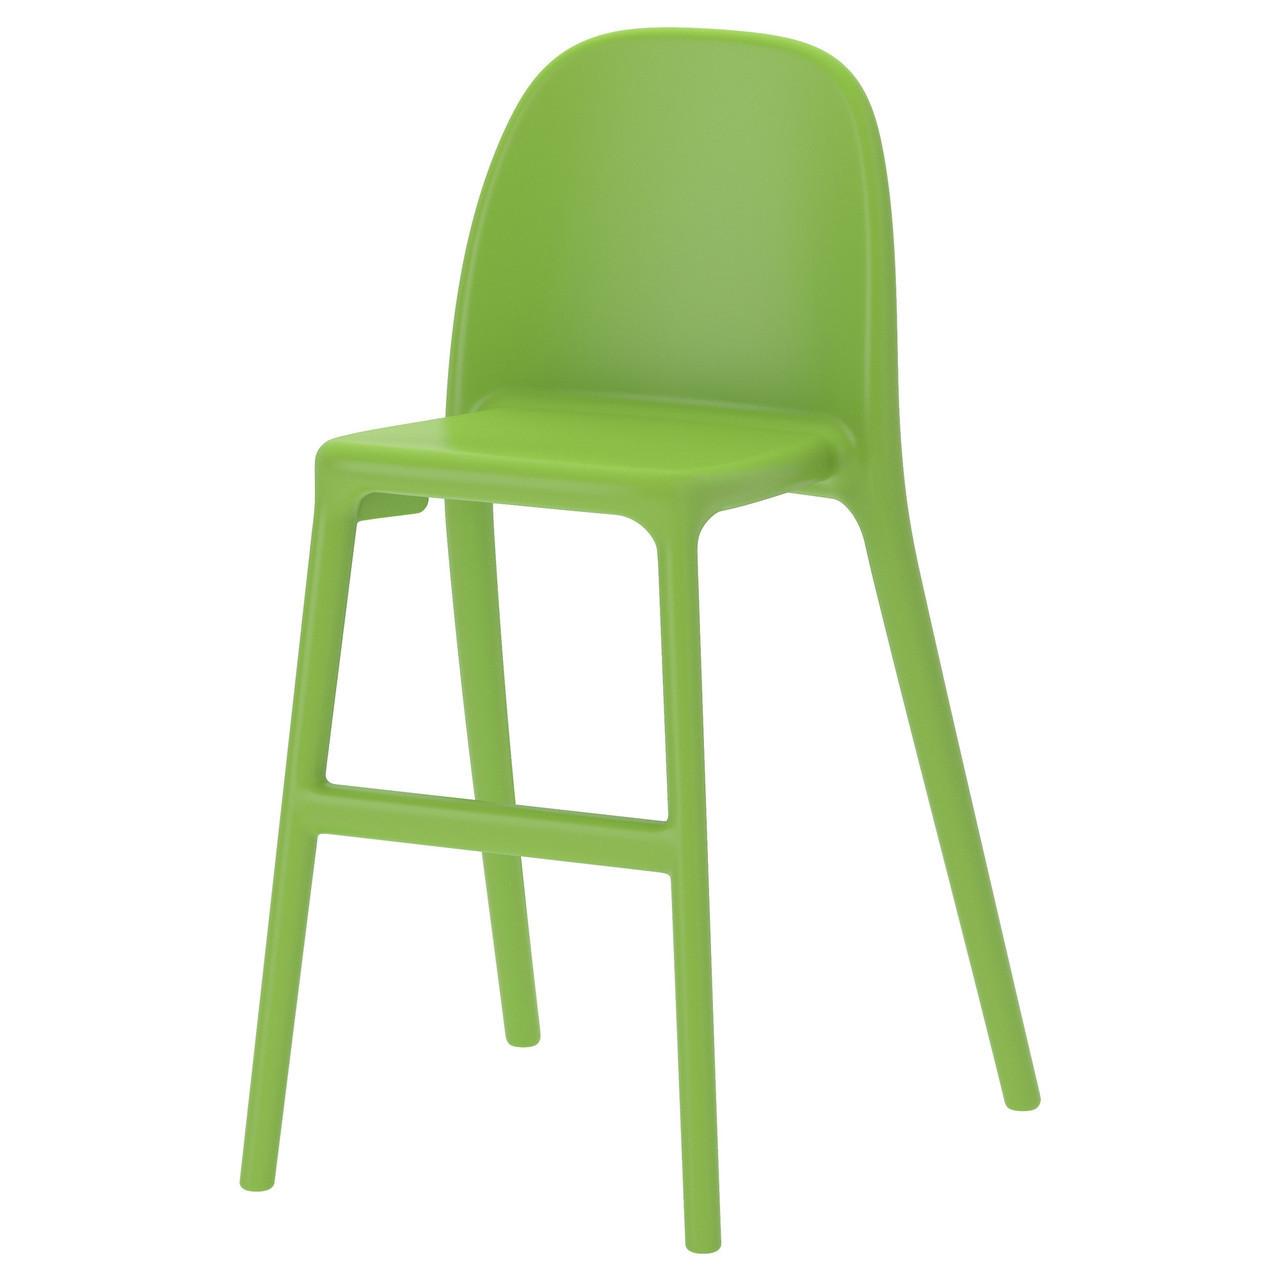 URBAN Детский стул, зеленый 502.070.36